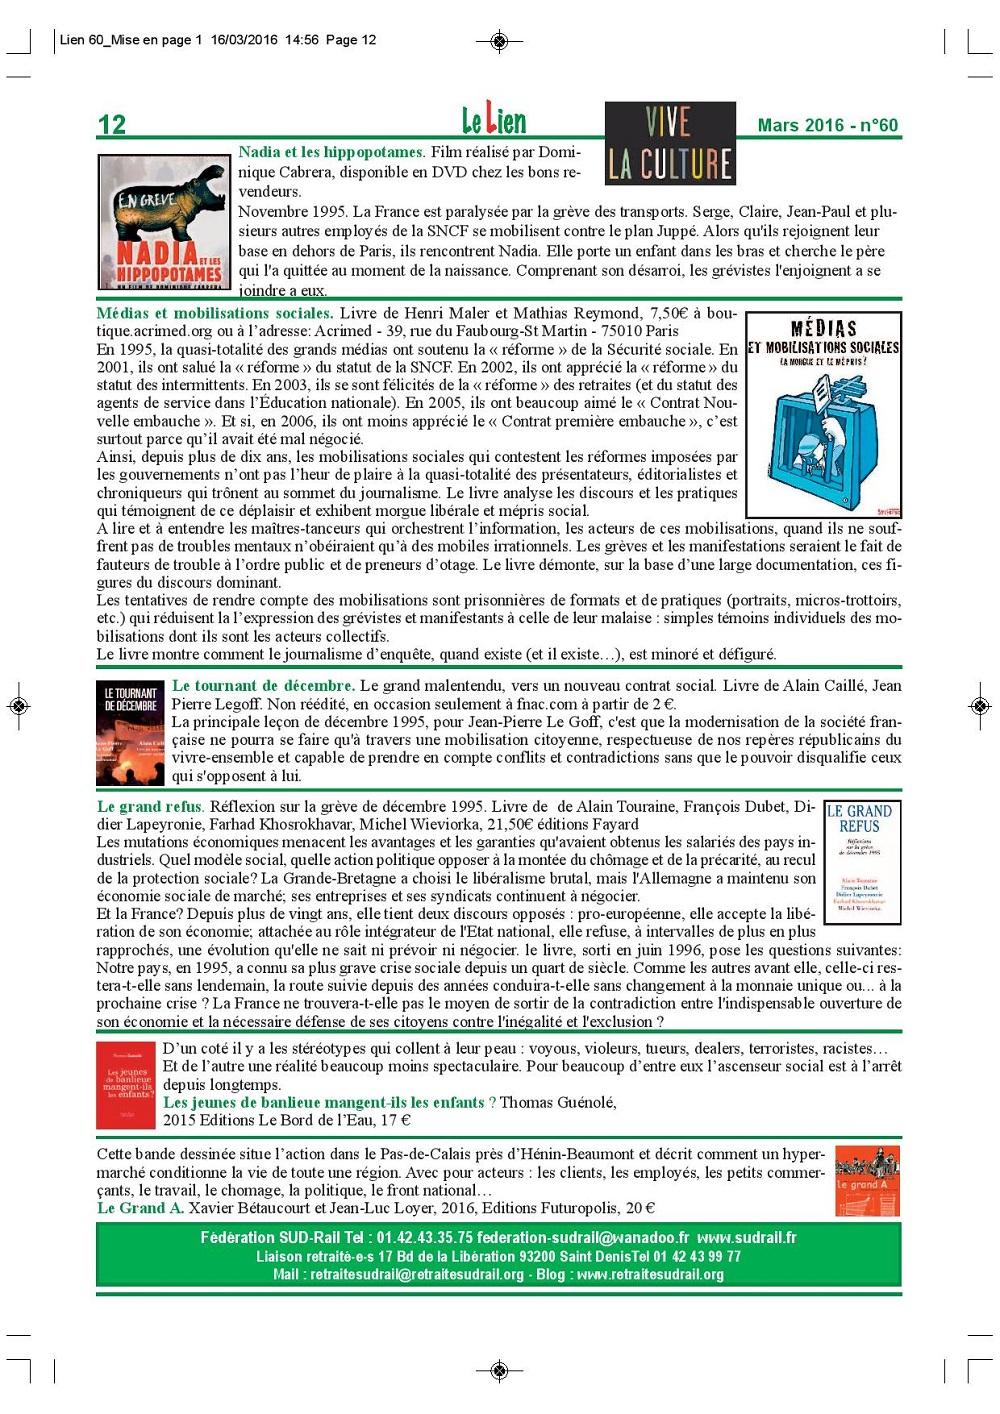 Lien retraite n60-page-012